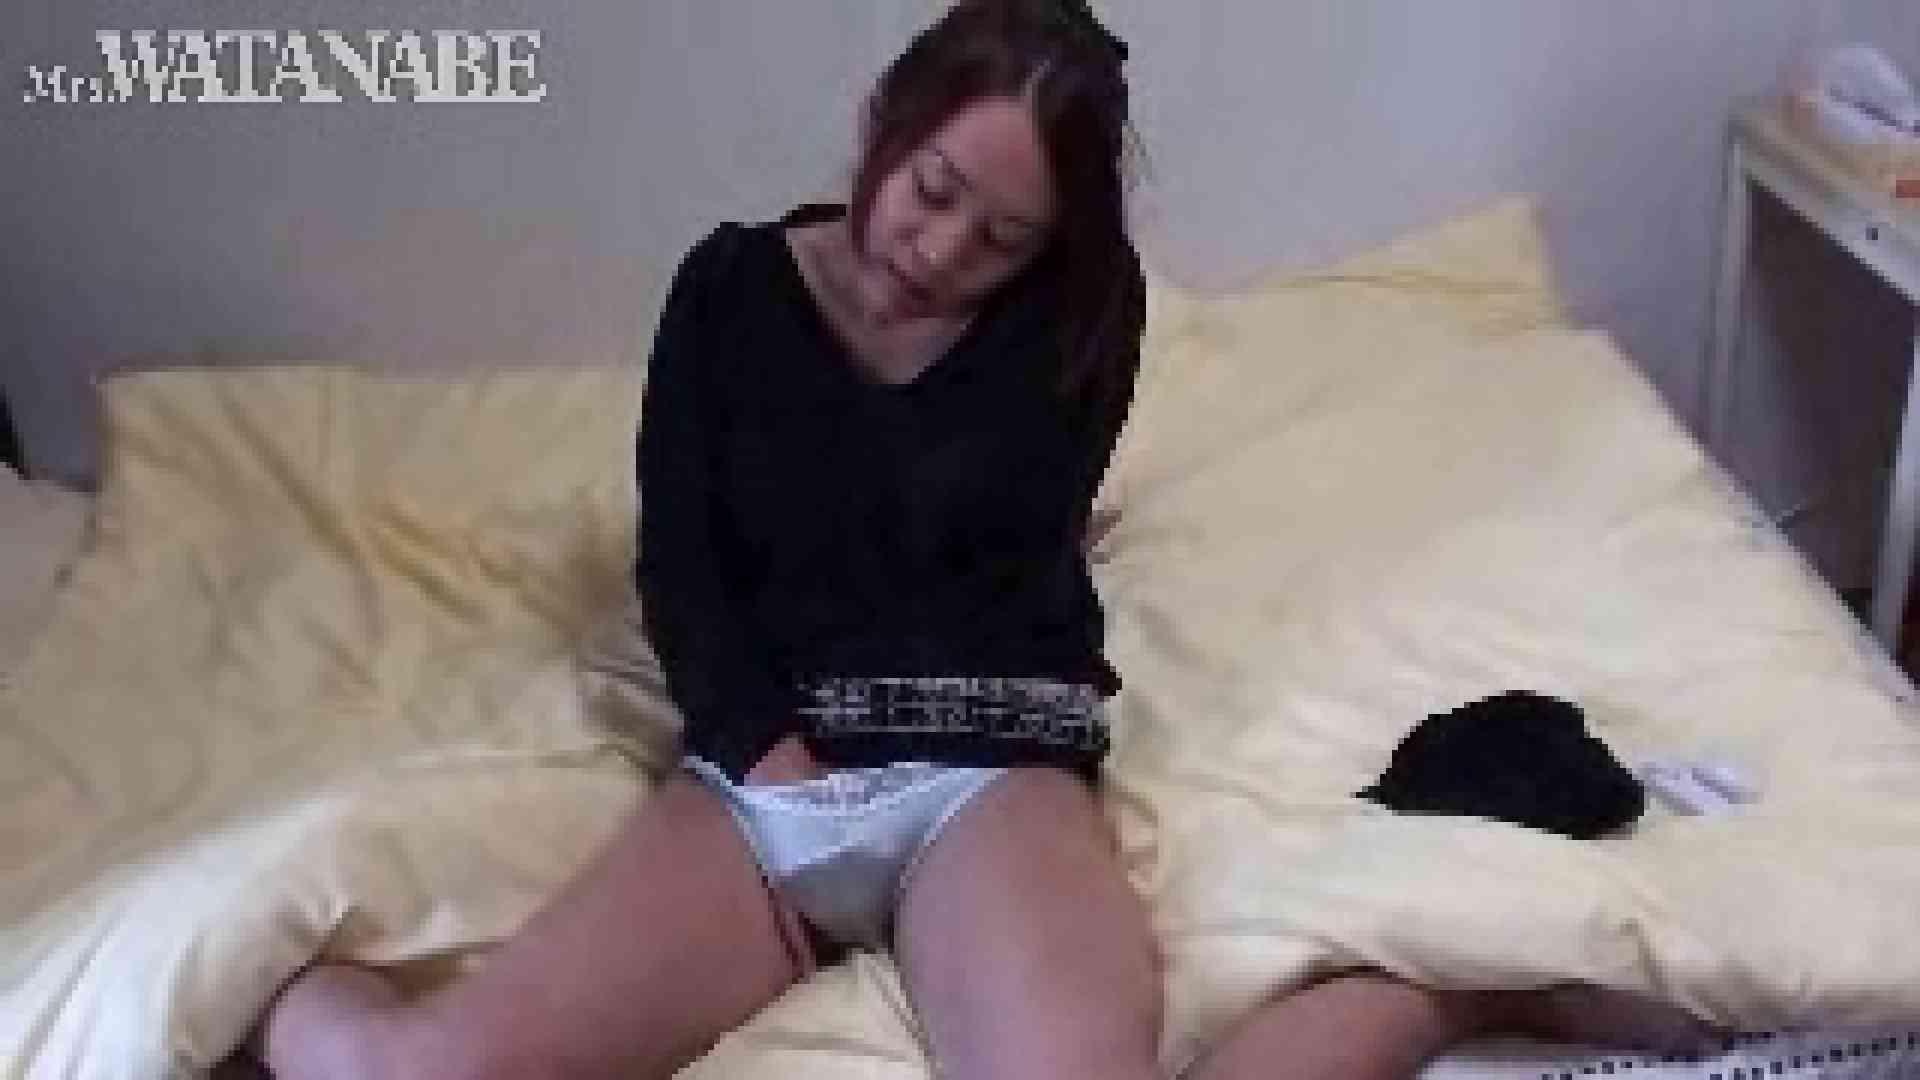 SNSで出会った人妻をハメ撮りしちゃいます 2回目 前編 人妻達のヌード | オナニー特集  65連発 62